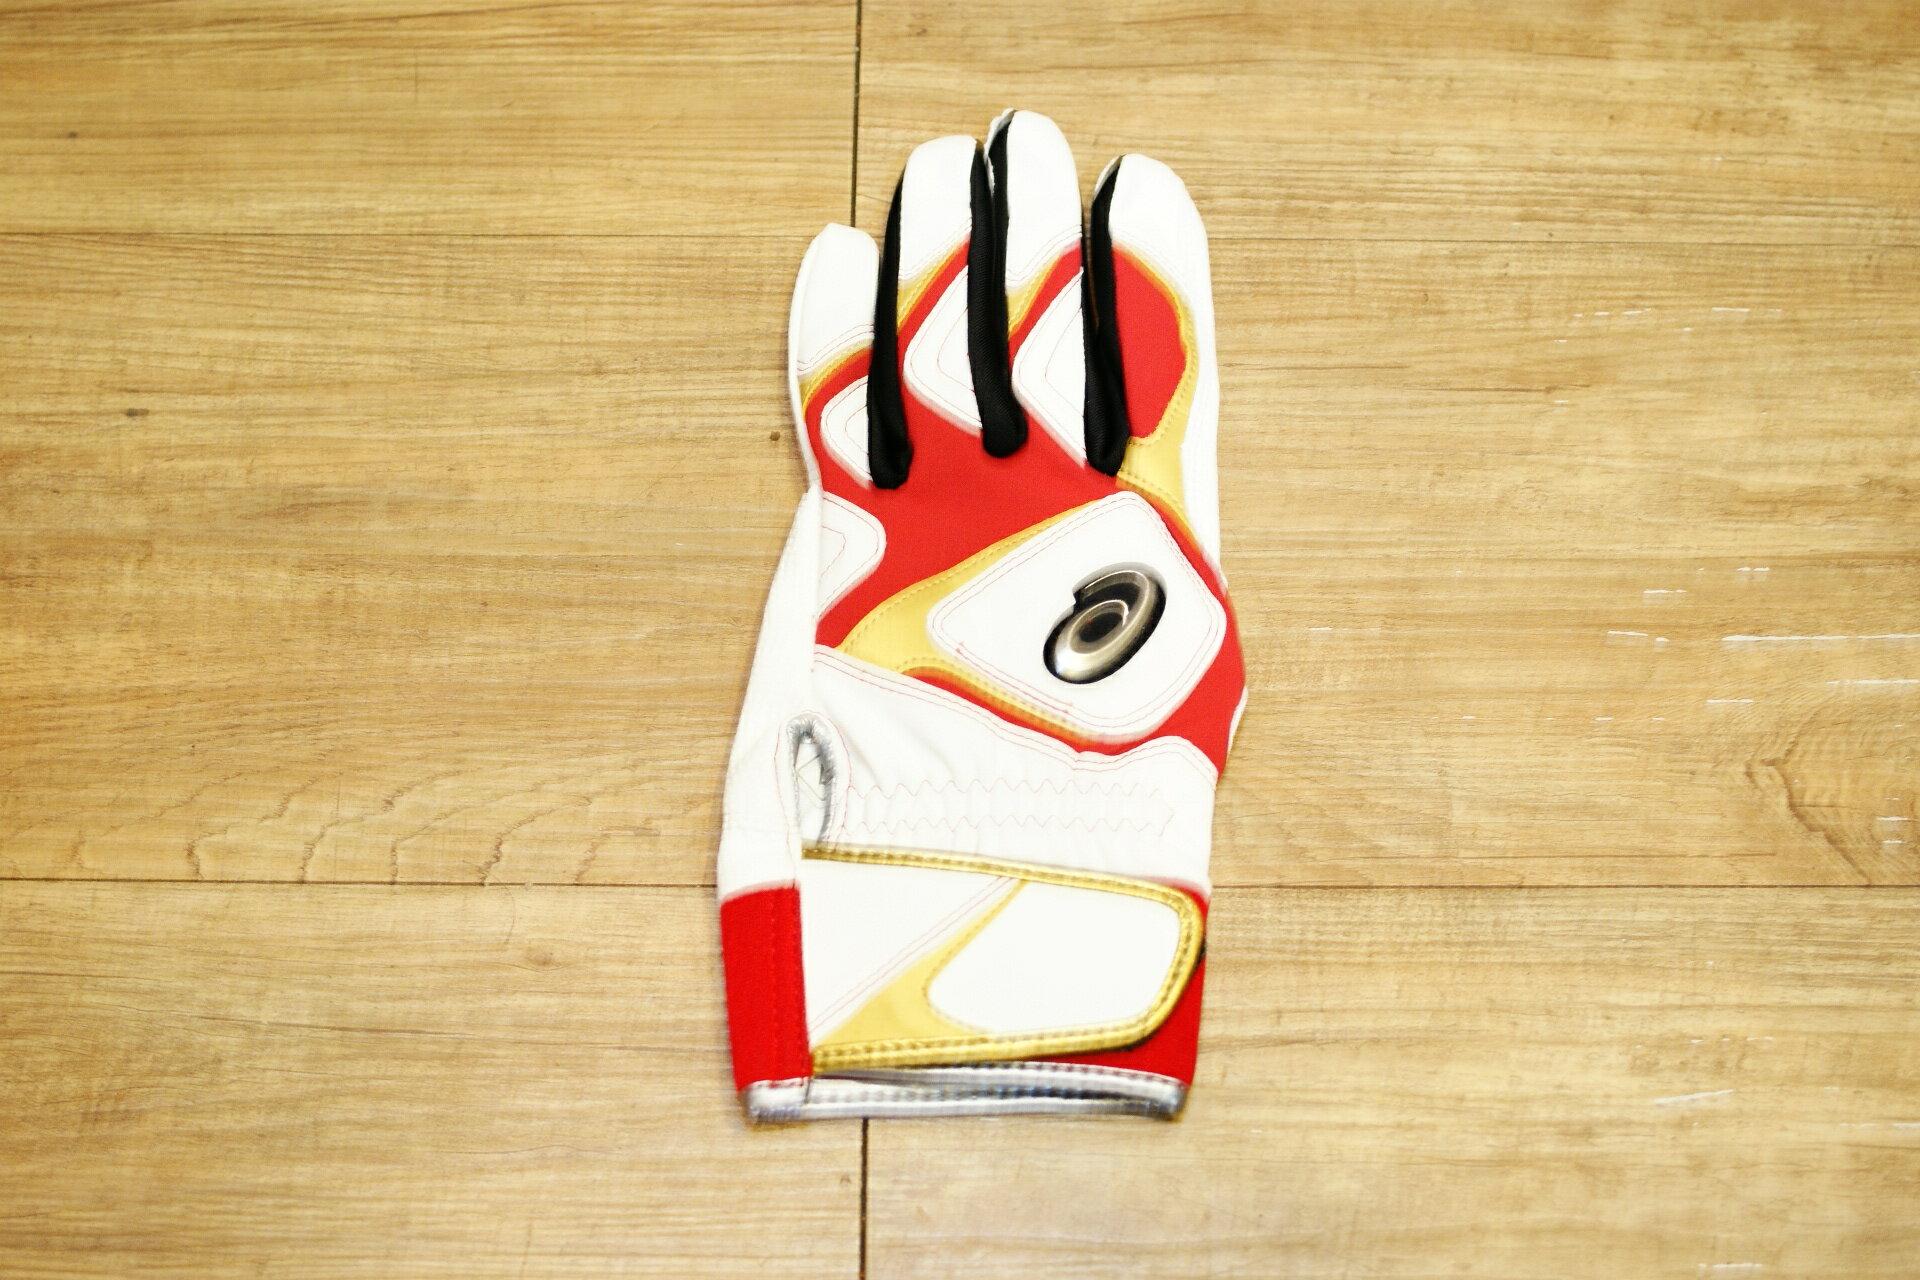 棒球世界 全新asics 亞瑟士可水洗打擊手套一支入 特價 白紅配色